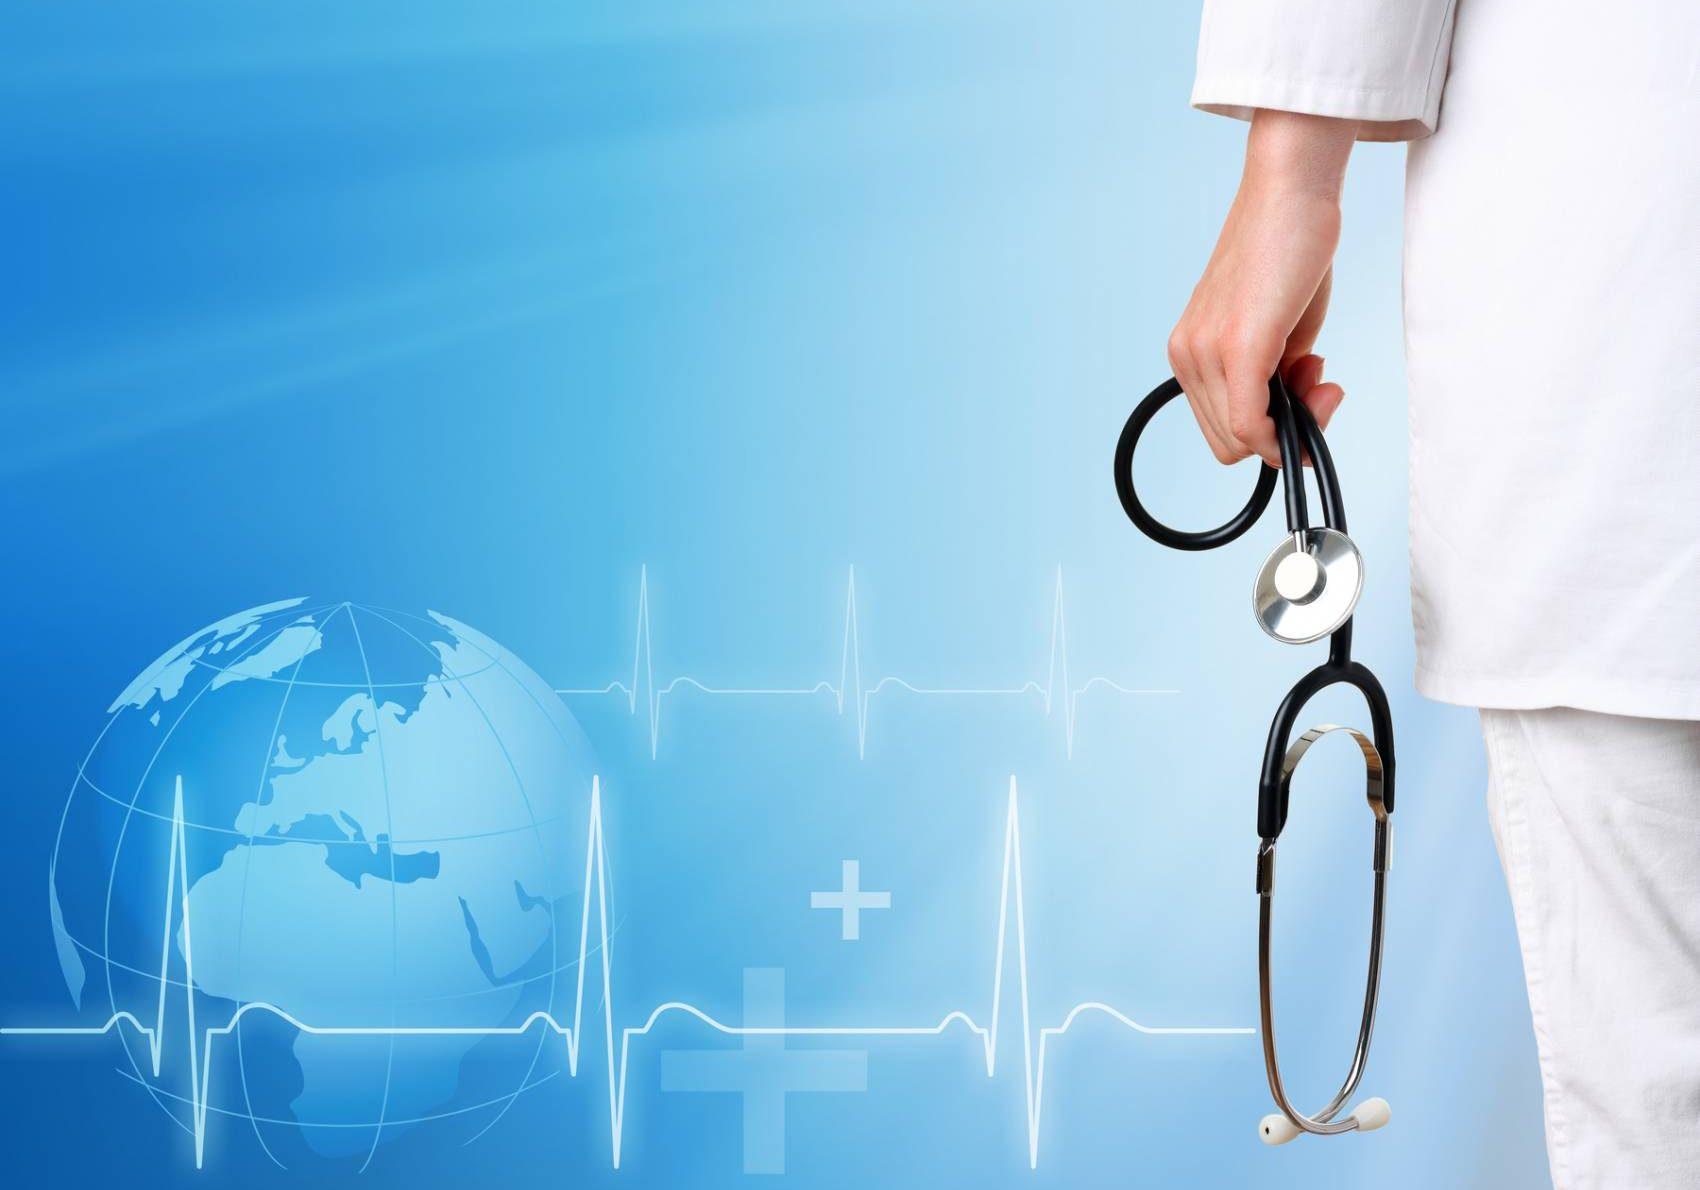 صورة معلومات طبية , اهم معلمة طبية يجب عليك معرفتها